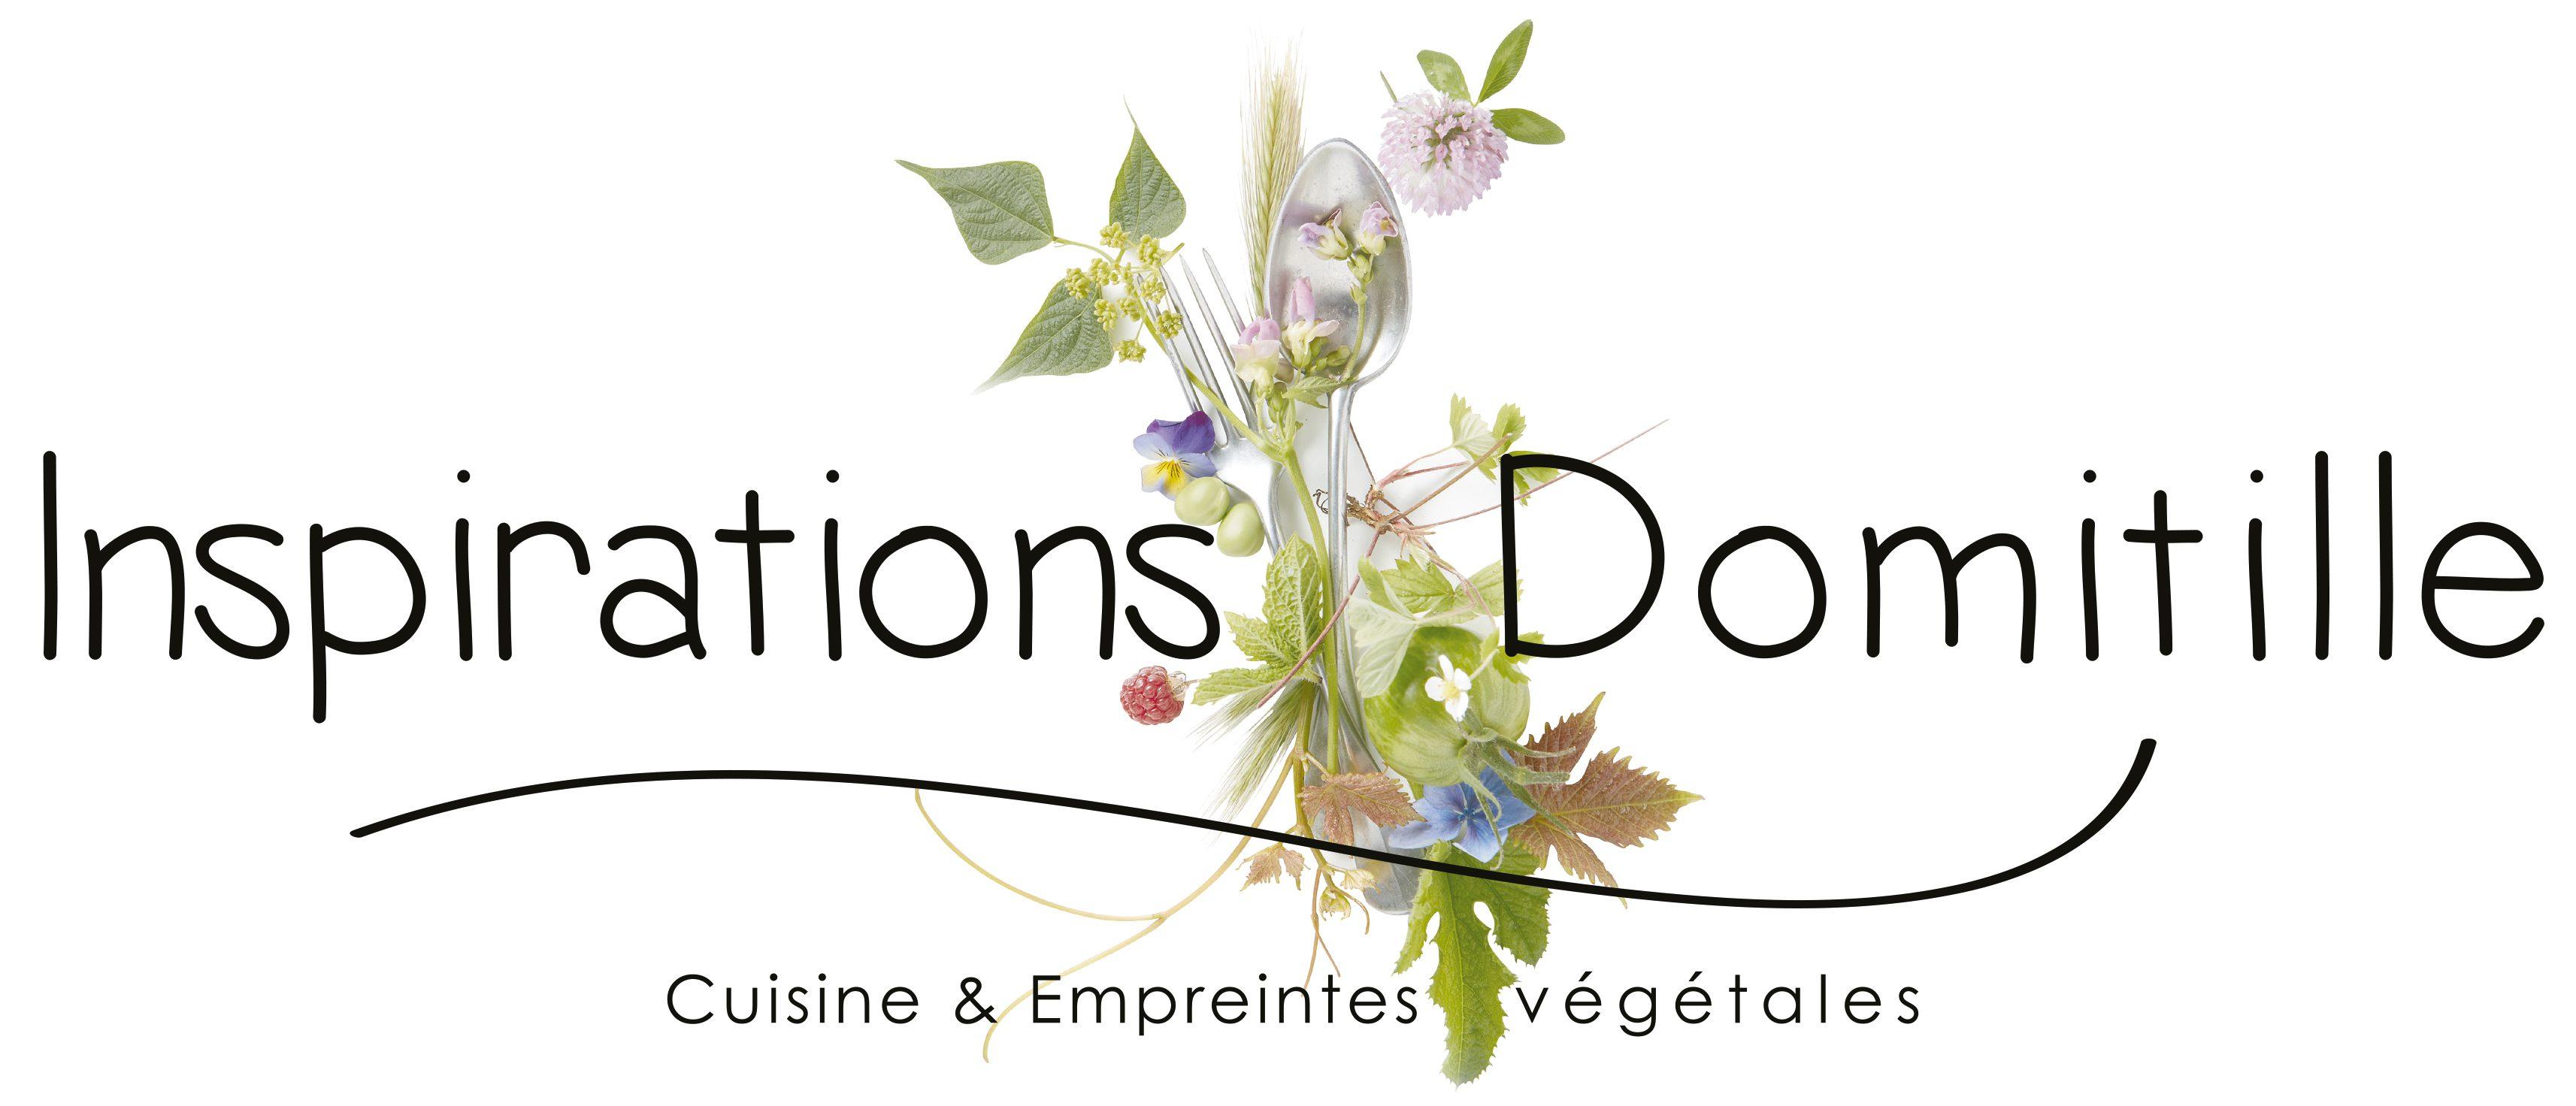 Inspirations Domitille – Cuisine & Empreintes végétales